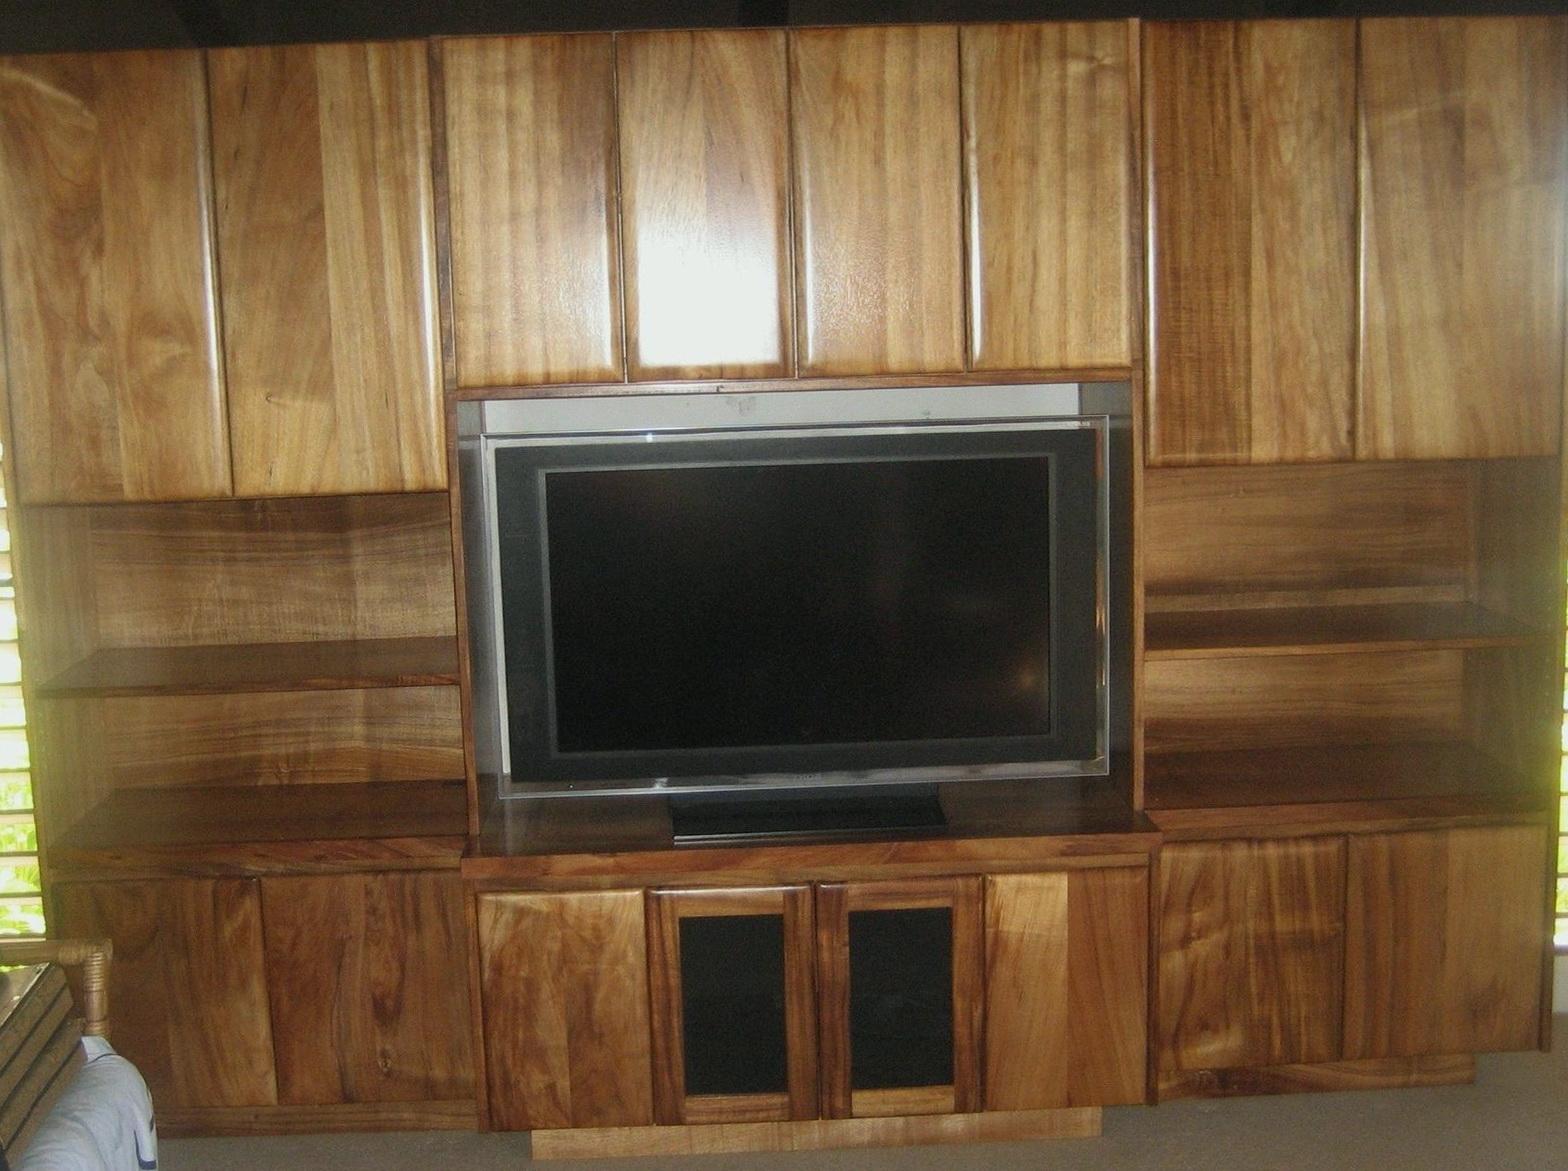 Tv Cabinet With Doors To Hide Tv